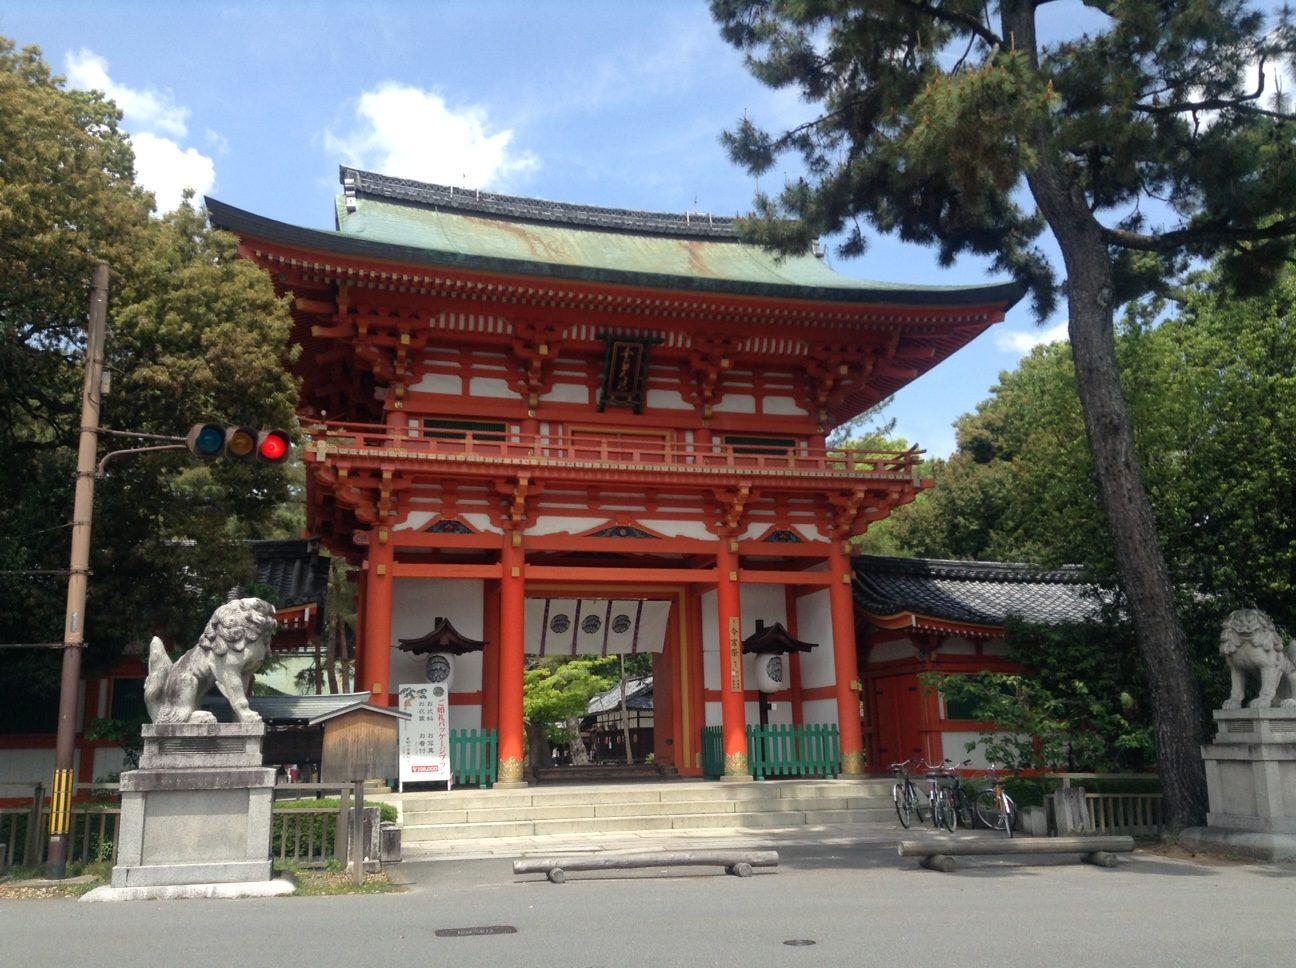 丸ごとまりんぼ☆うわさの京都・今宮神社のあぶり餅に舌鼓の巻